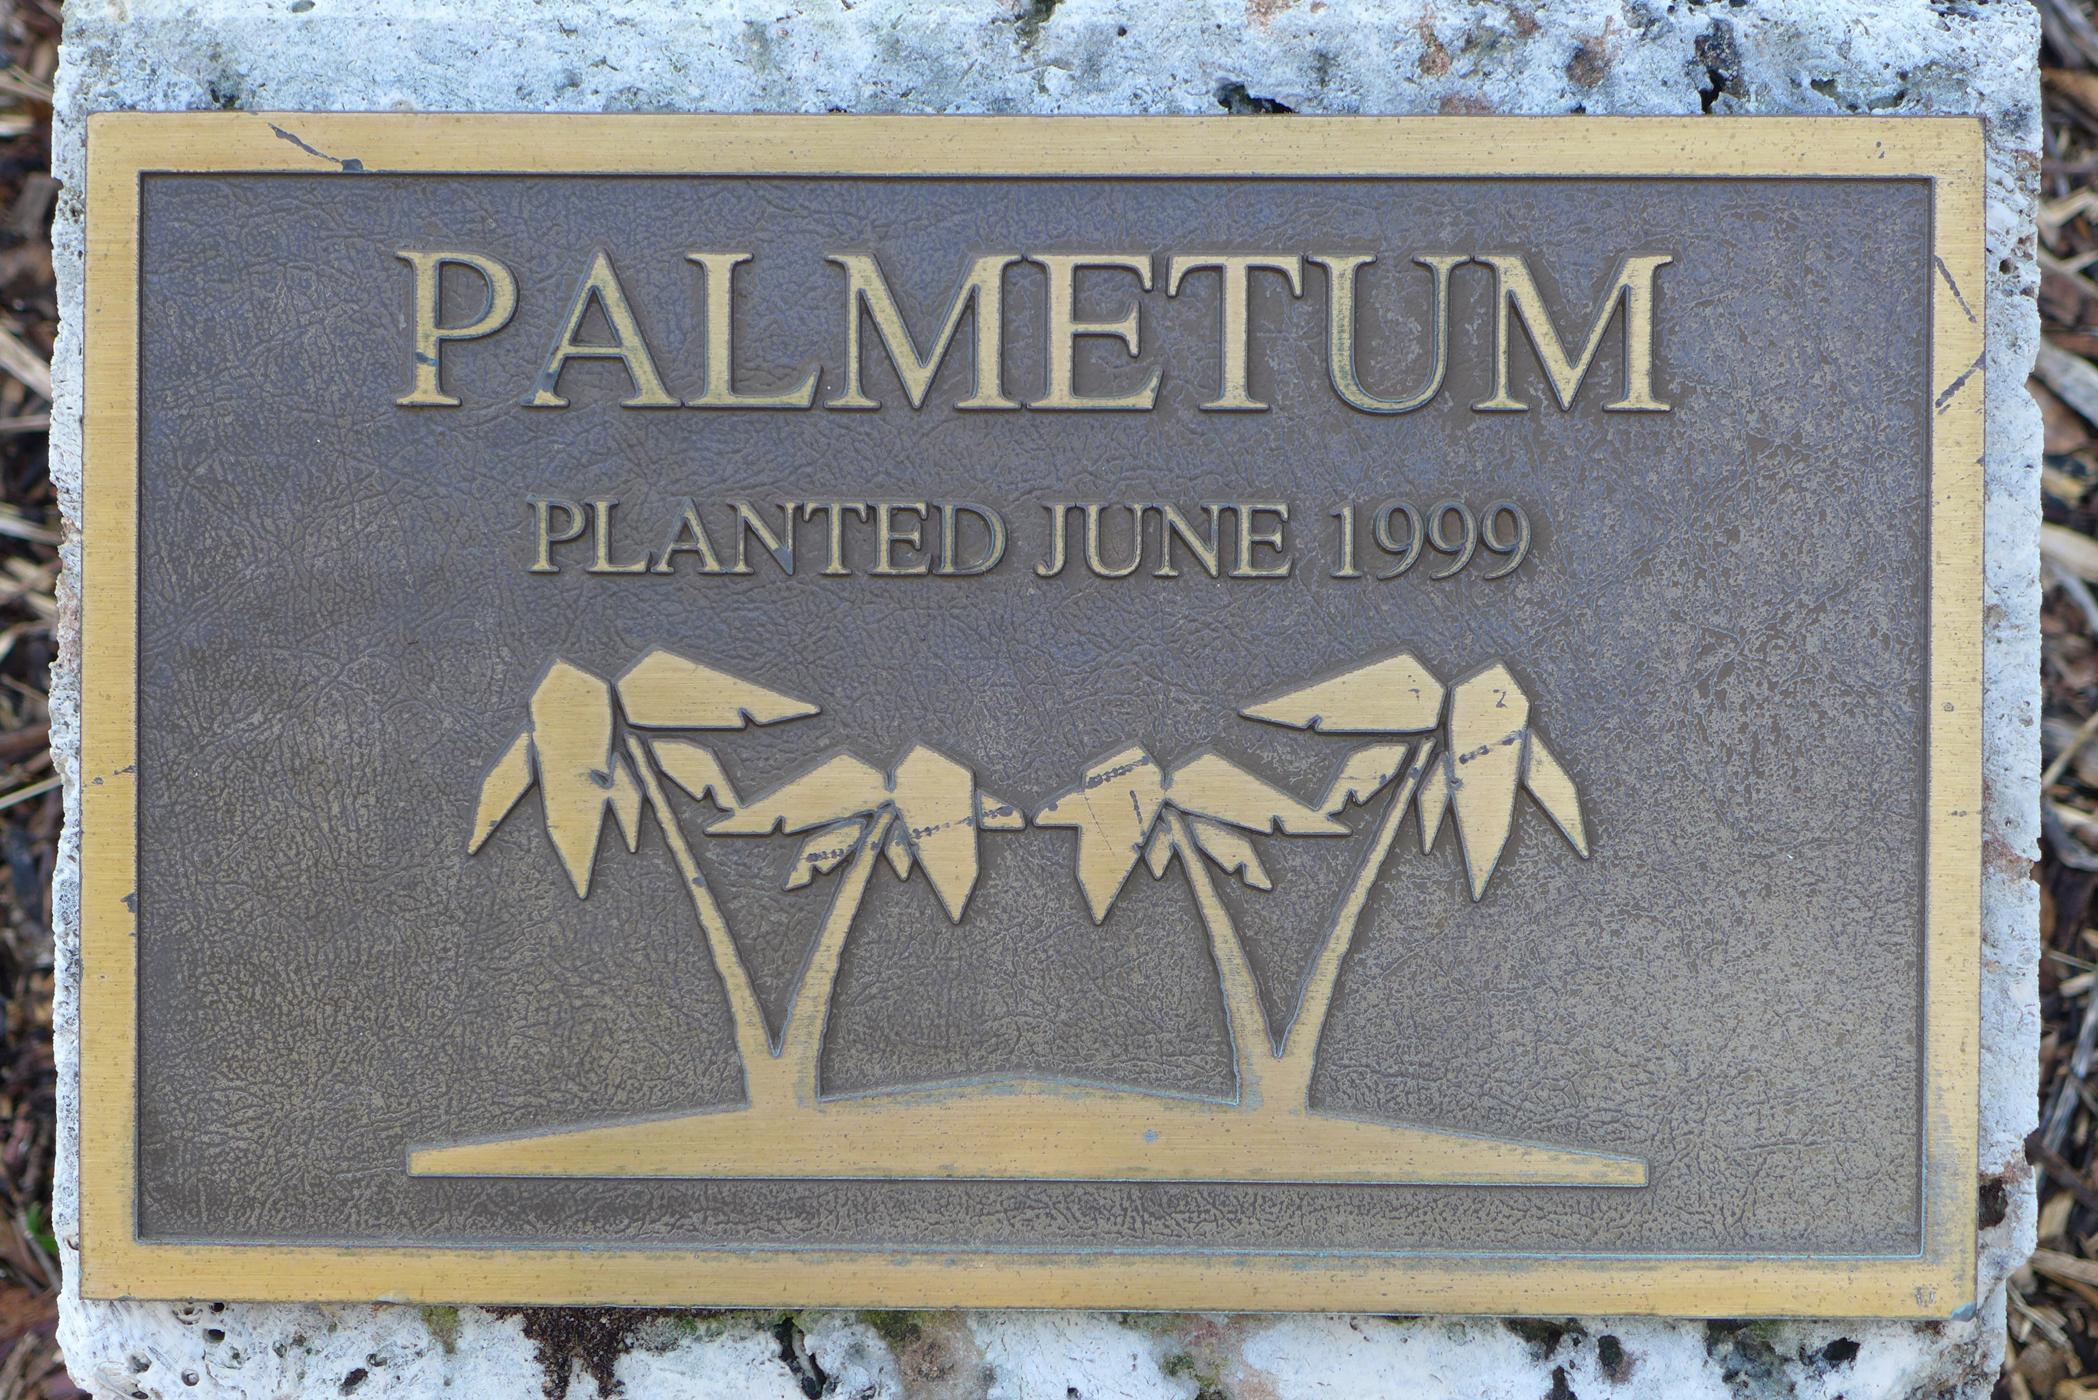 UM Palmetum Plaque